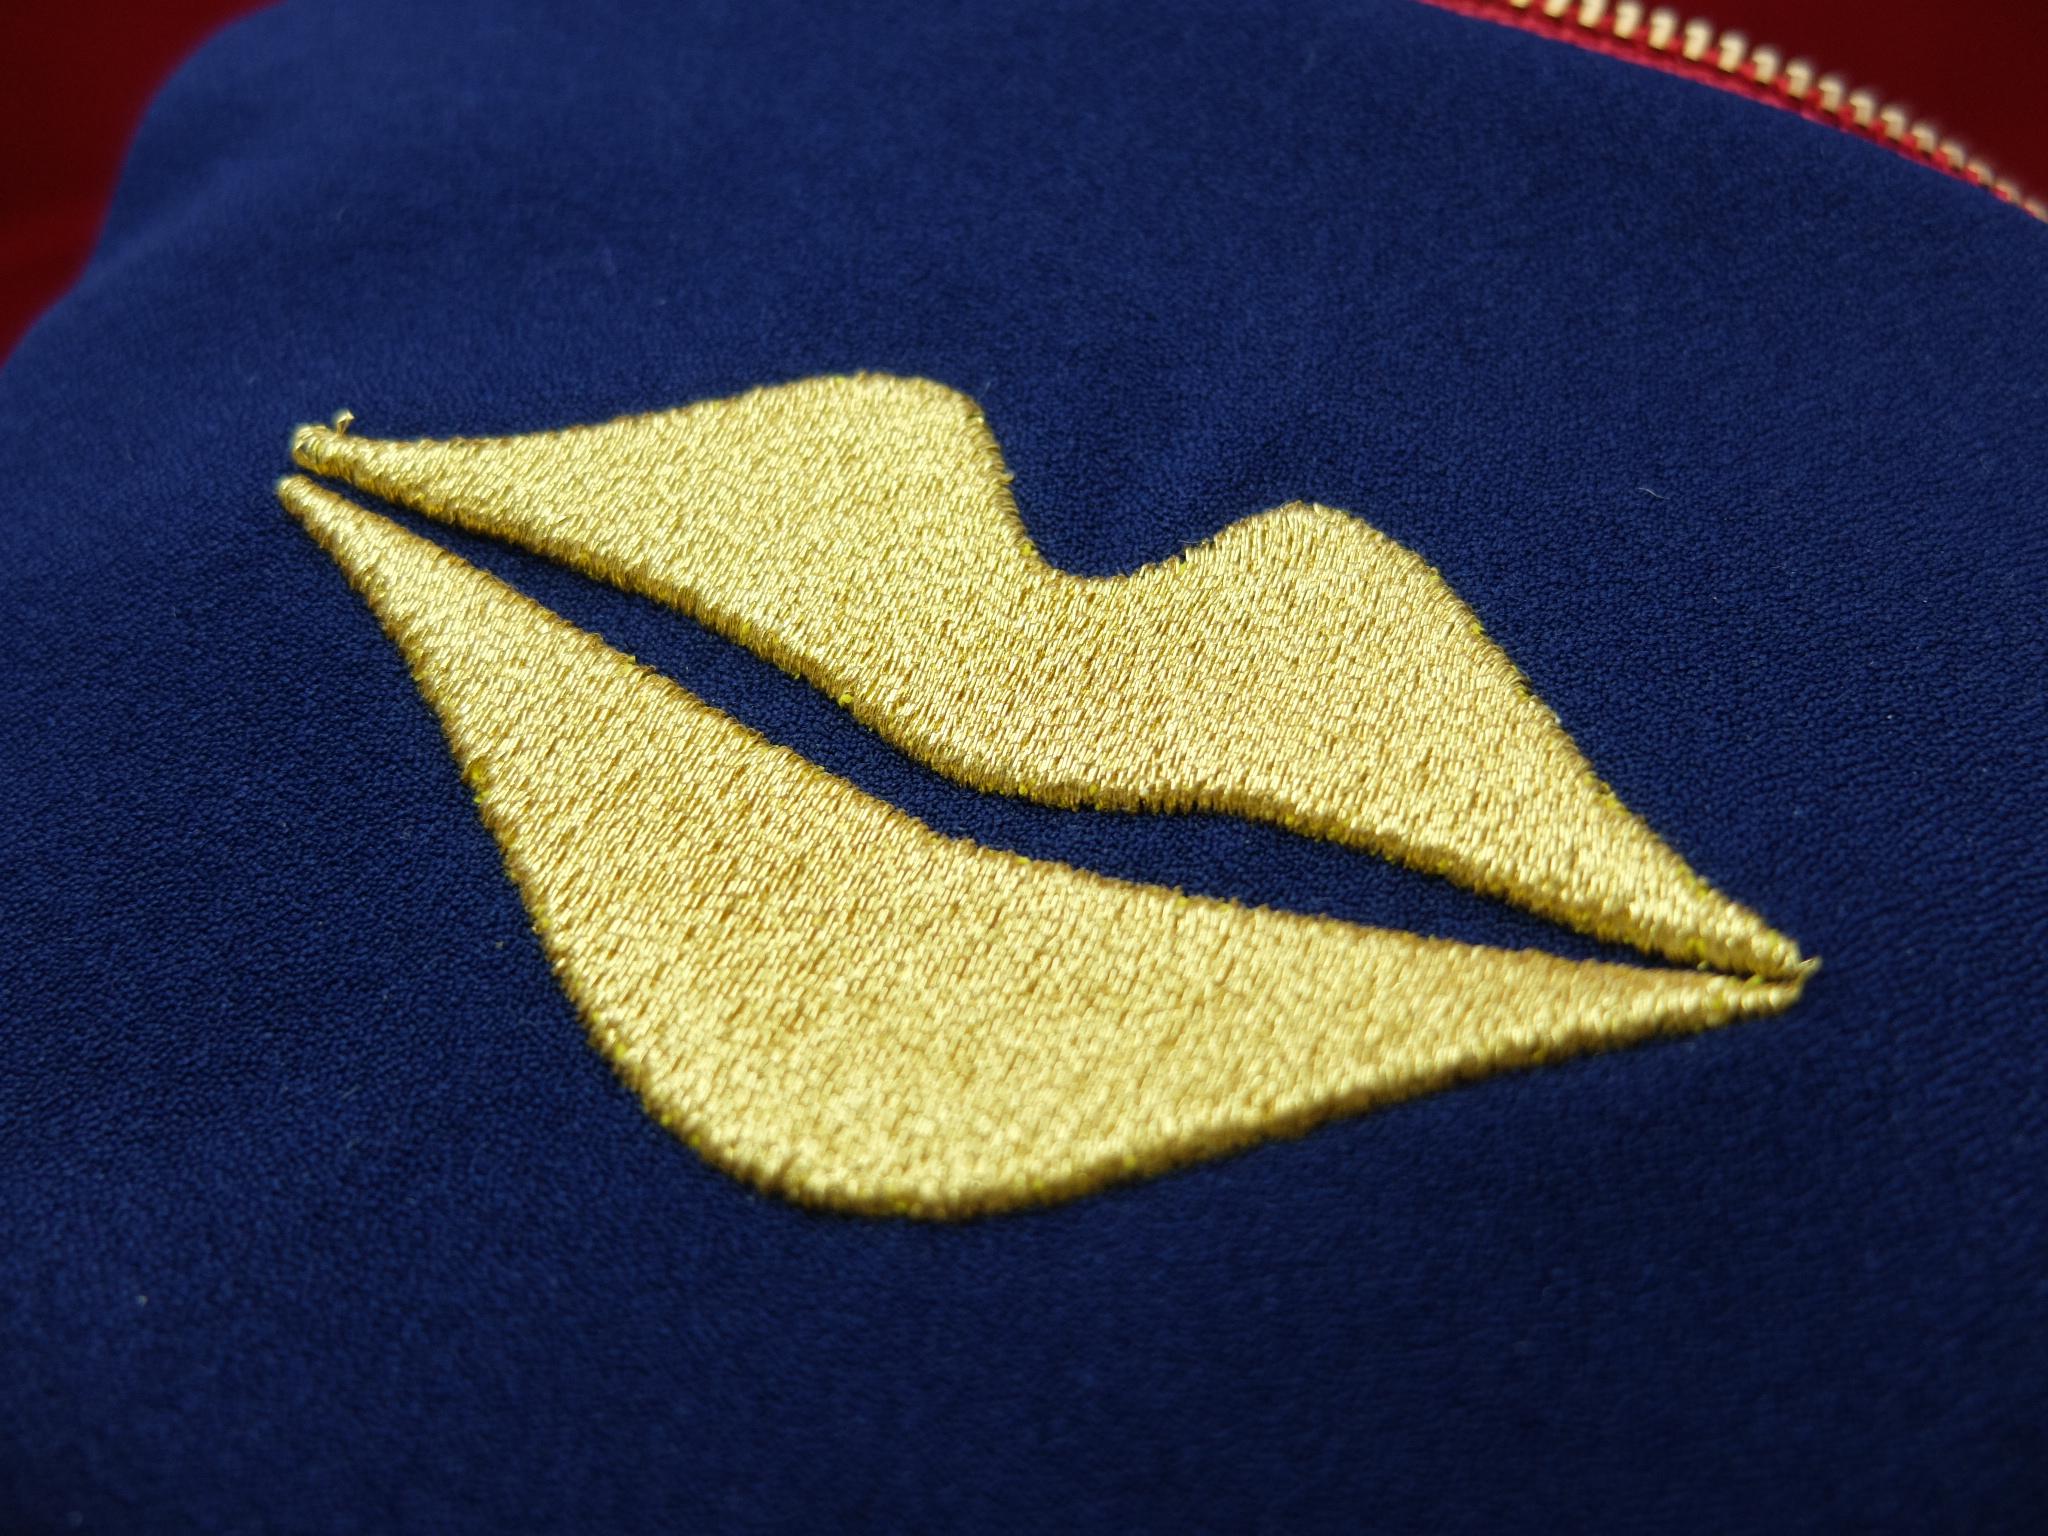 唇マーク キスマーク 刺繍ポーチ 3d刺繍